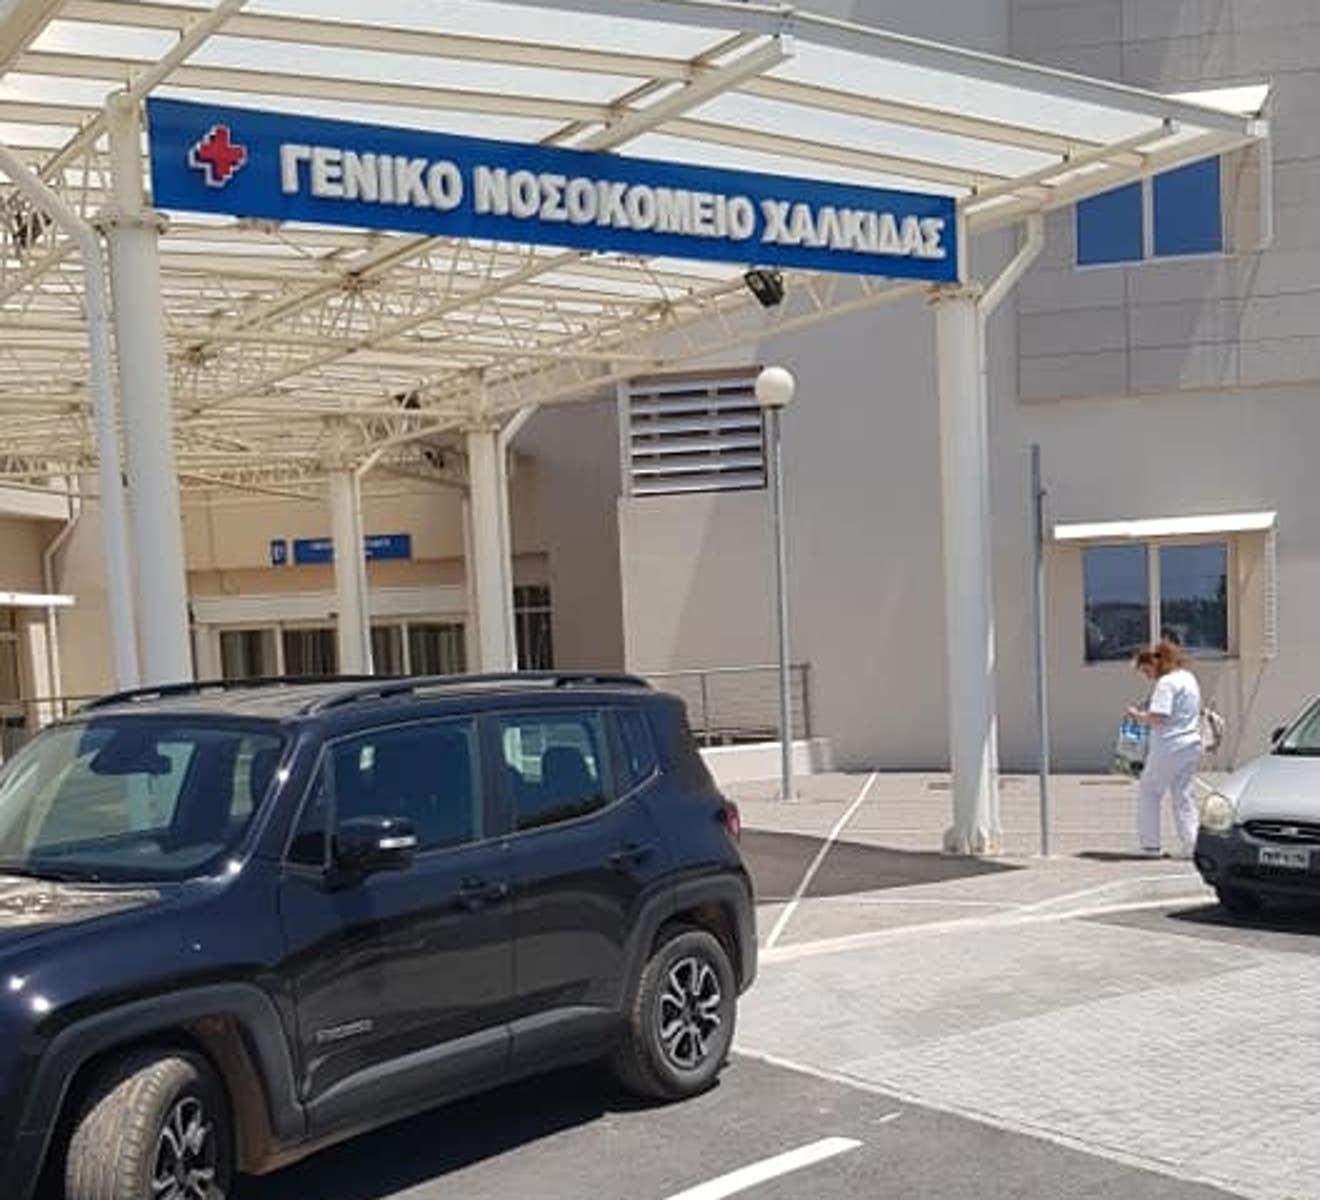 Εύβοια – Γ.Ν. Χαλκίδας: Πέθανε από κορονοϊό γυναίκα από τα Λουκίσια – Διασωληνώθηκαν 62χρονη και 64χρονη